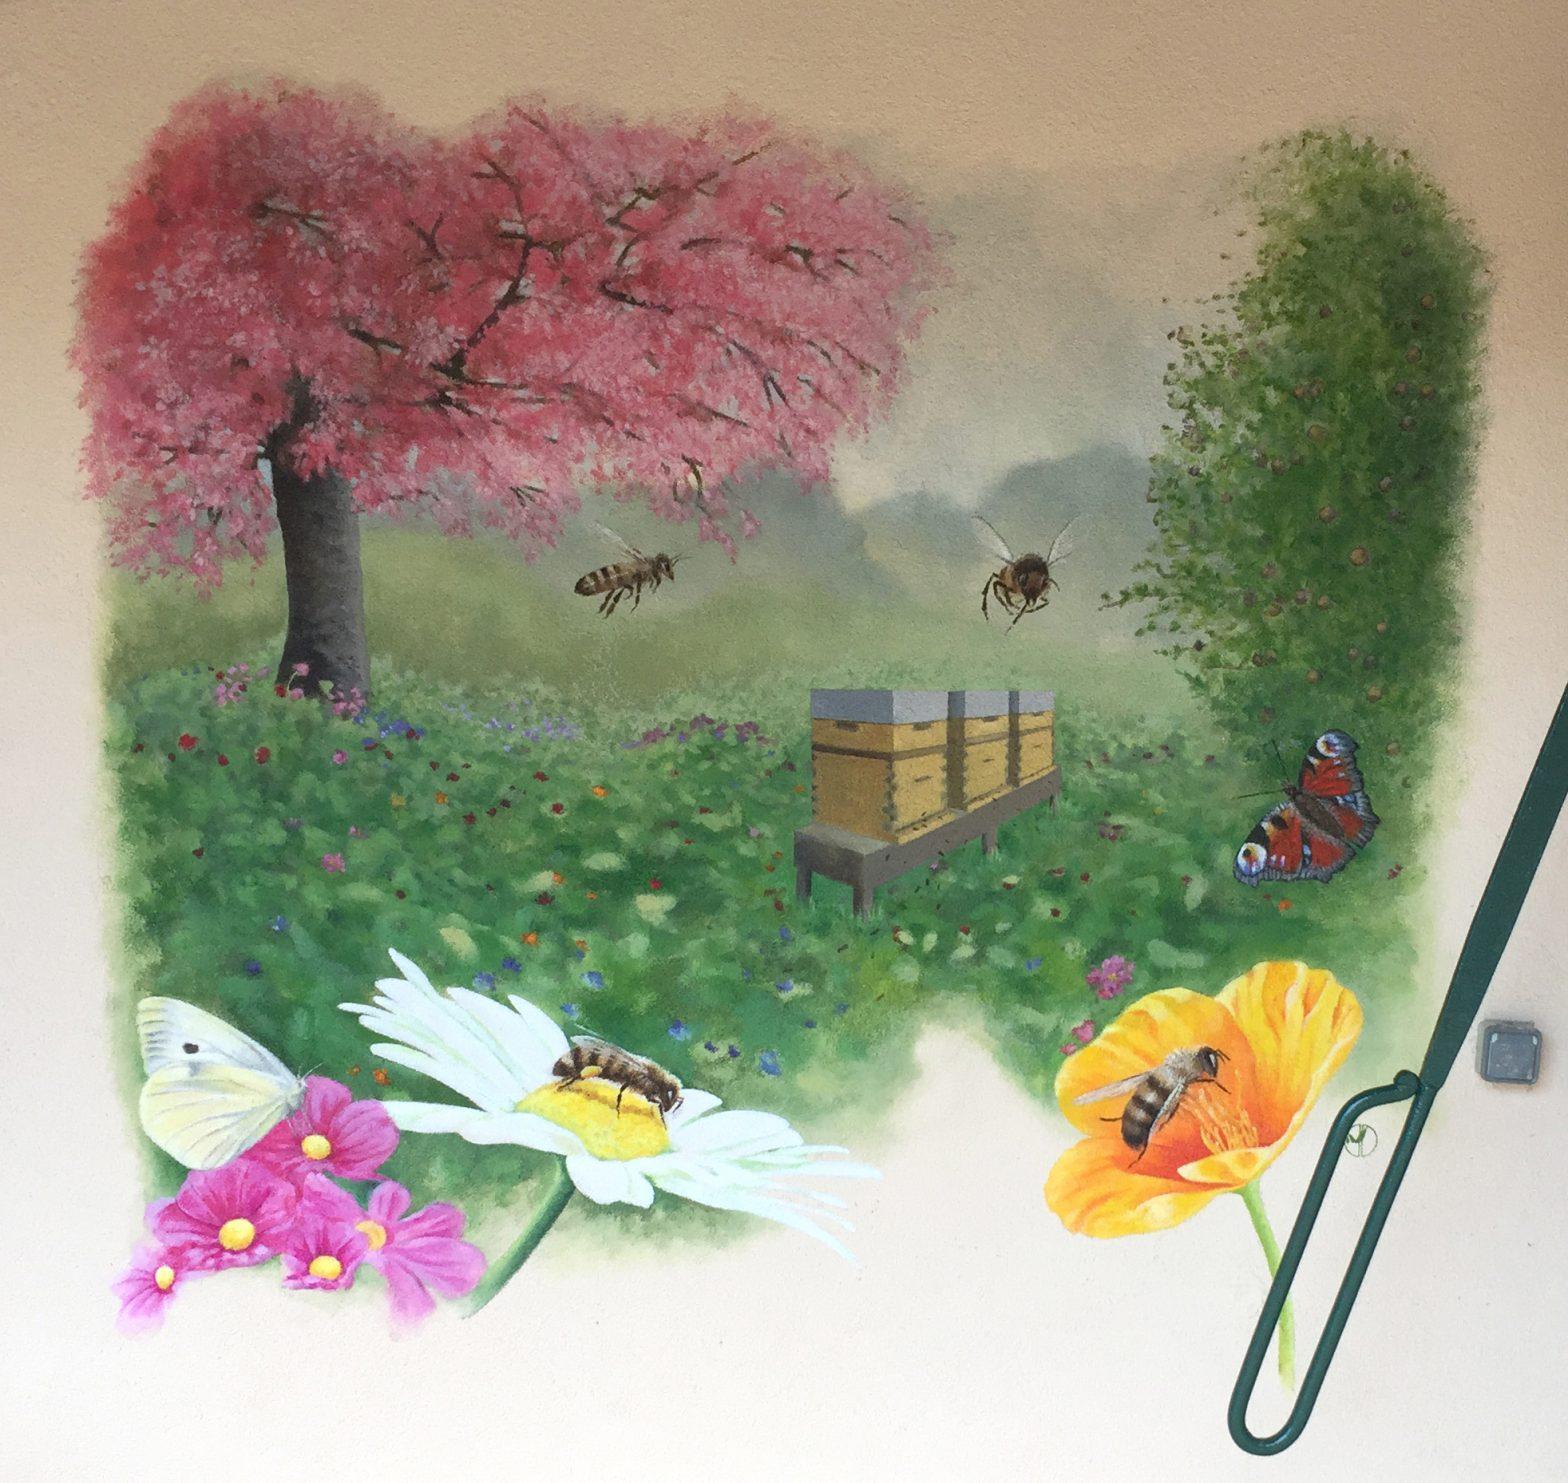 Jardin aux abeilles - fresque de Jordane Desjardins